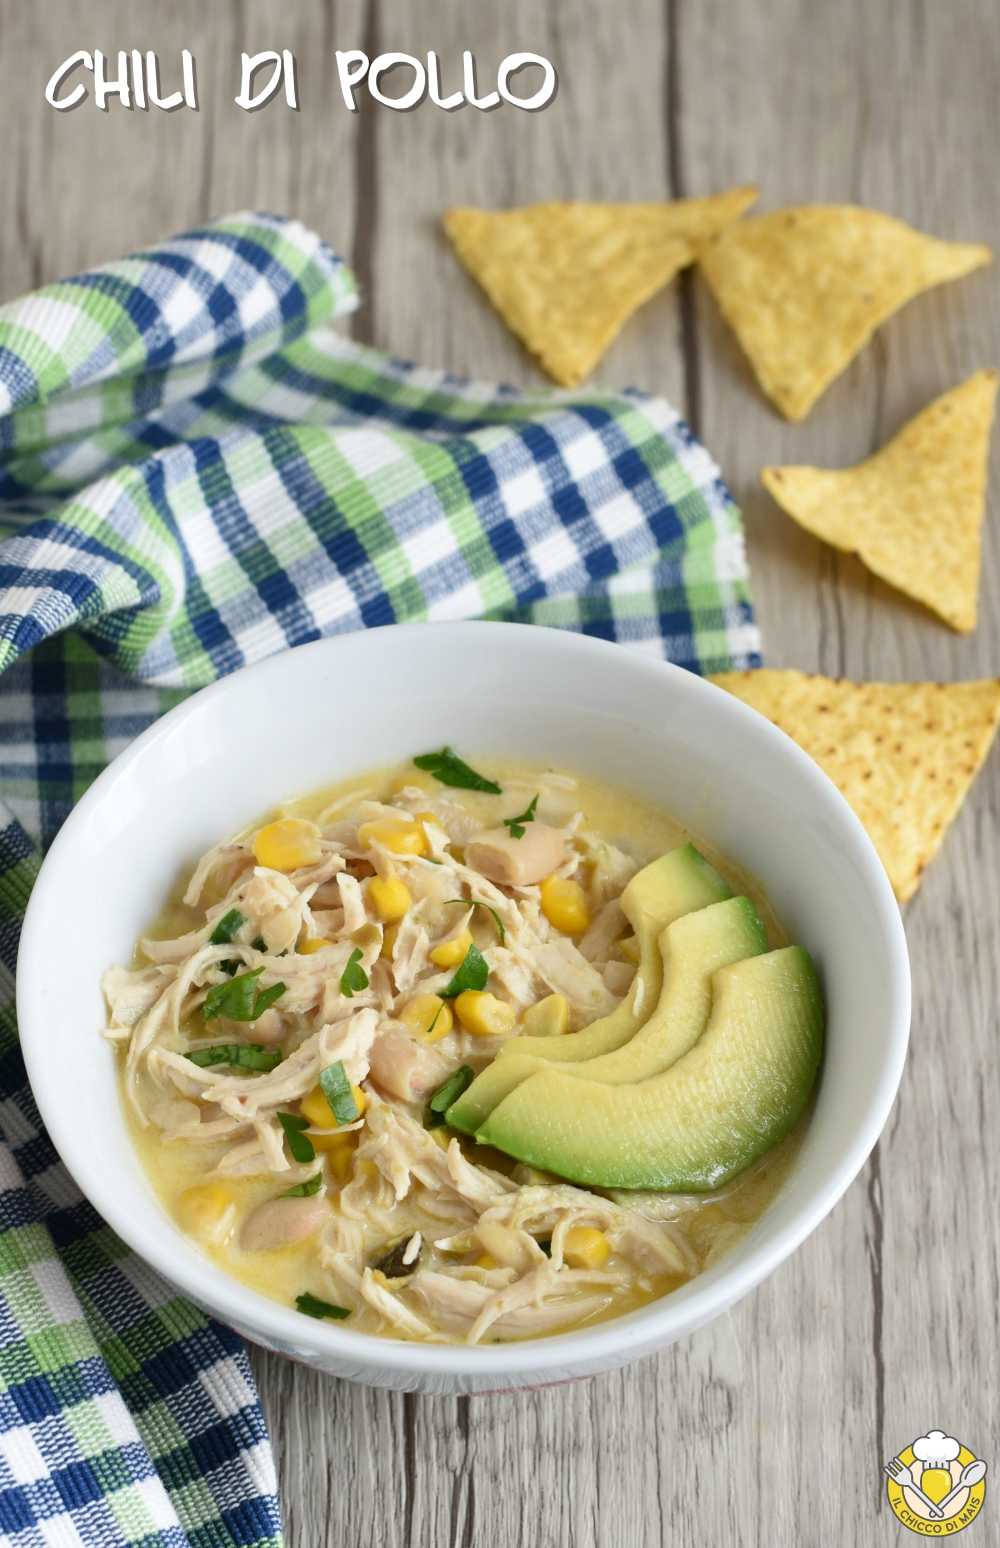 v_ chili di pollo con fagioli e avocado ricetta messicana chili bianco il chicco di mais